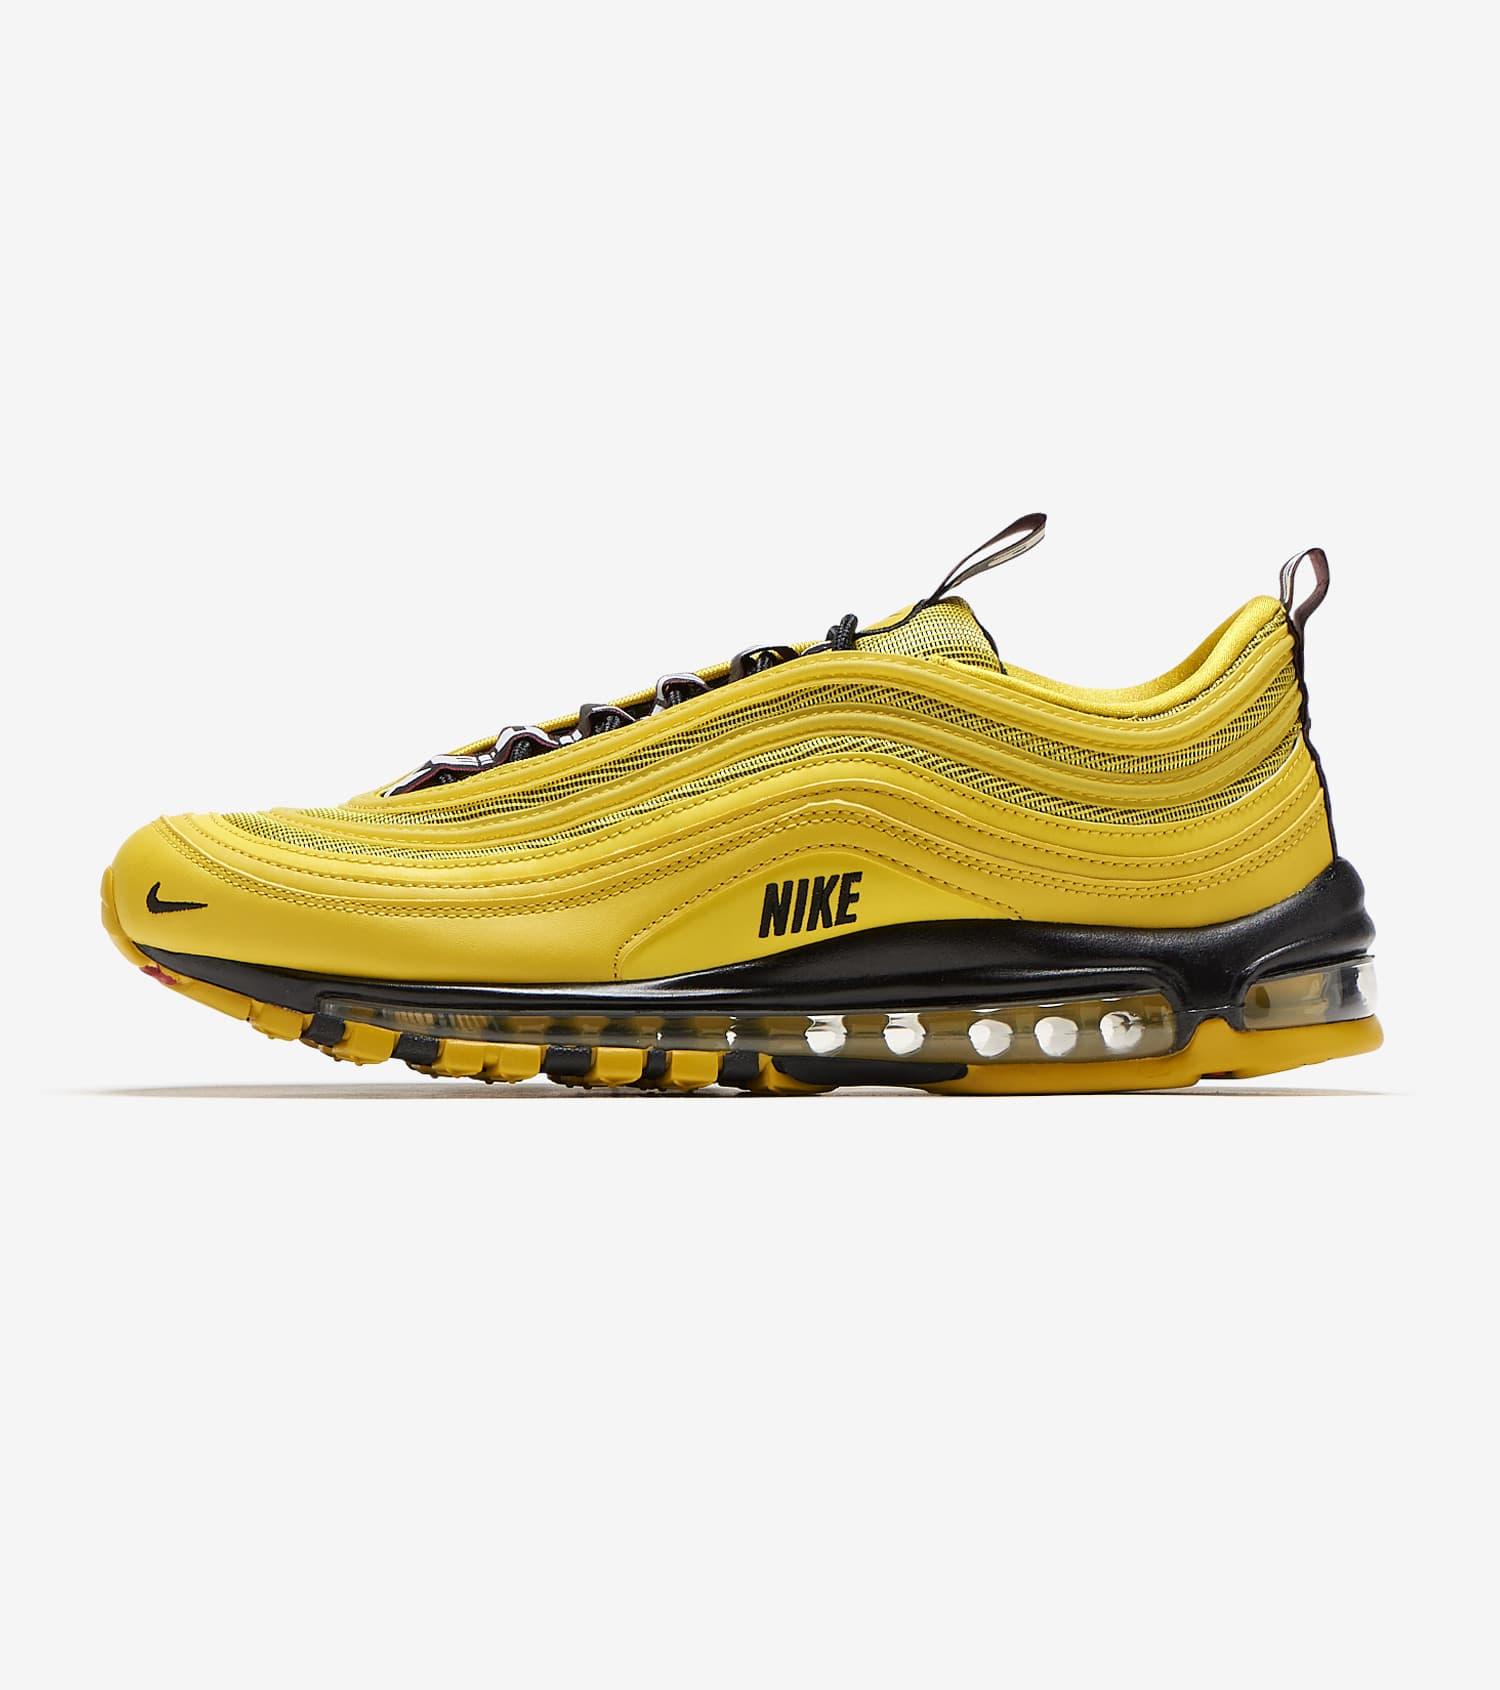 air max yellow